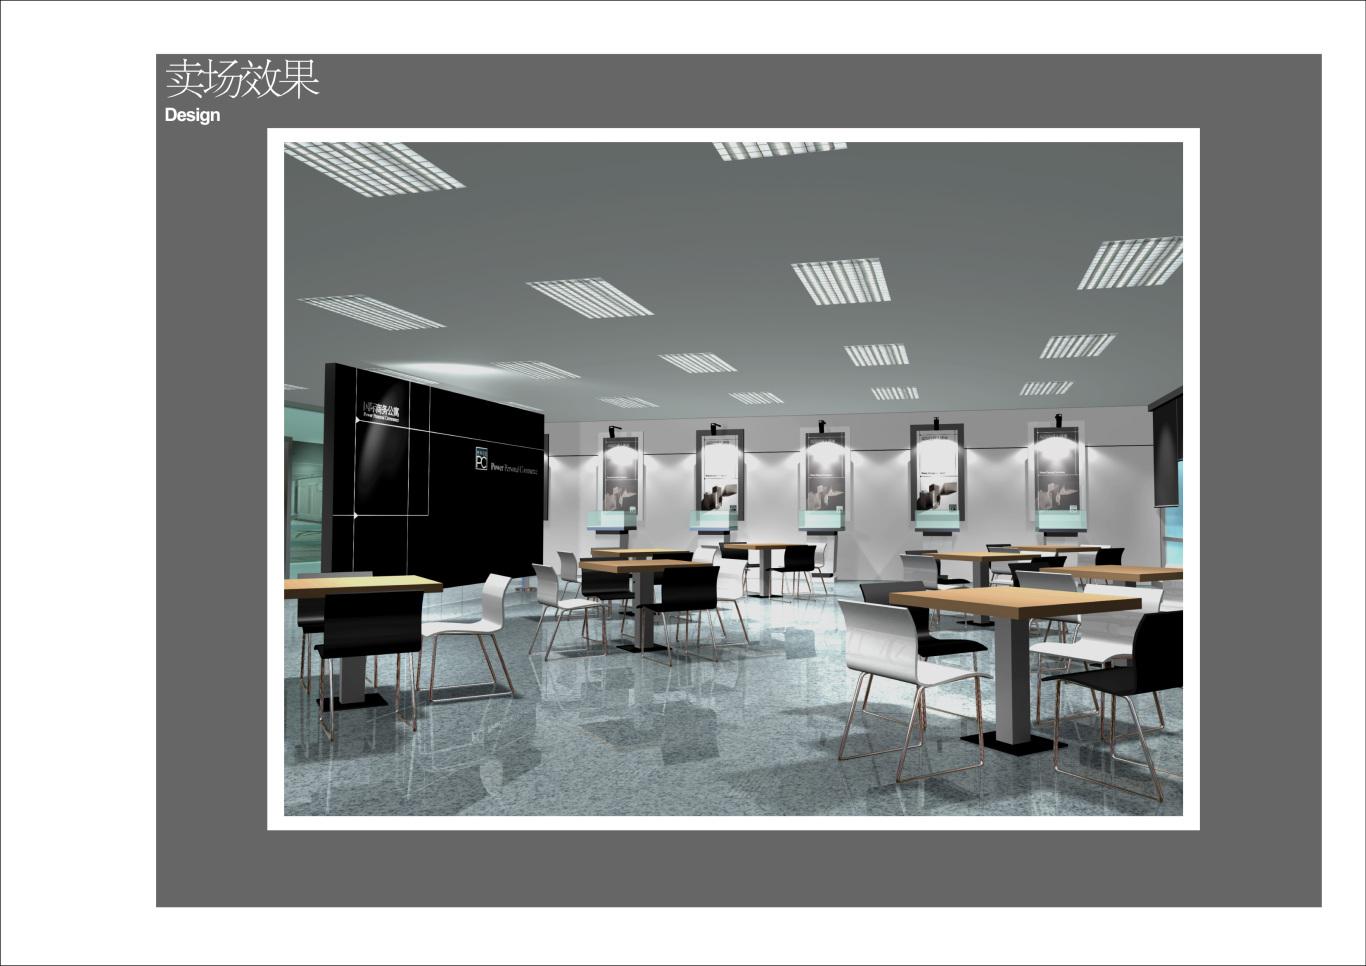 国际商务公寓的整体推广方案图12